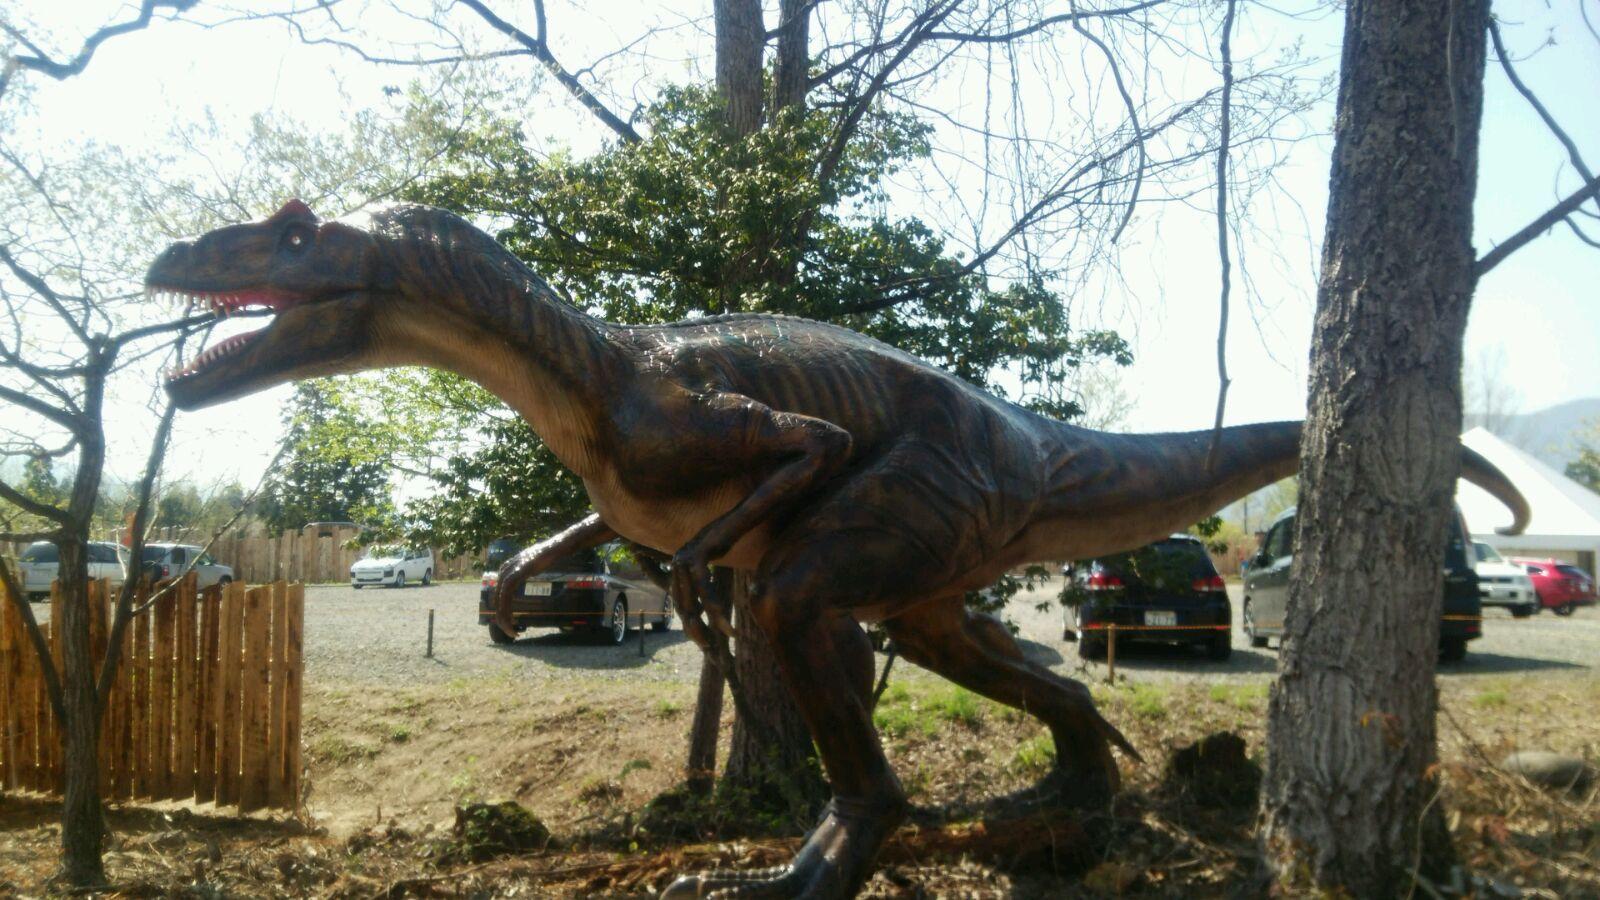 恐竜博物館へ行き、ビックリがいっぱい! 福井は最高!_e0119092_11010343.jpg